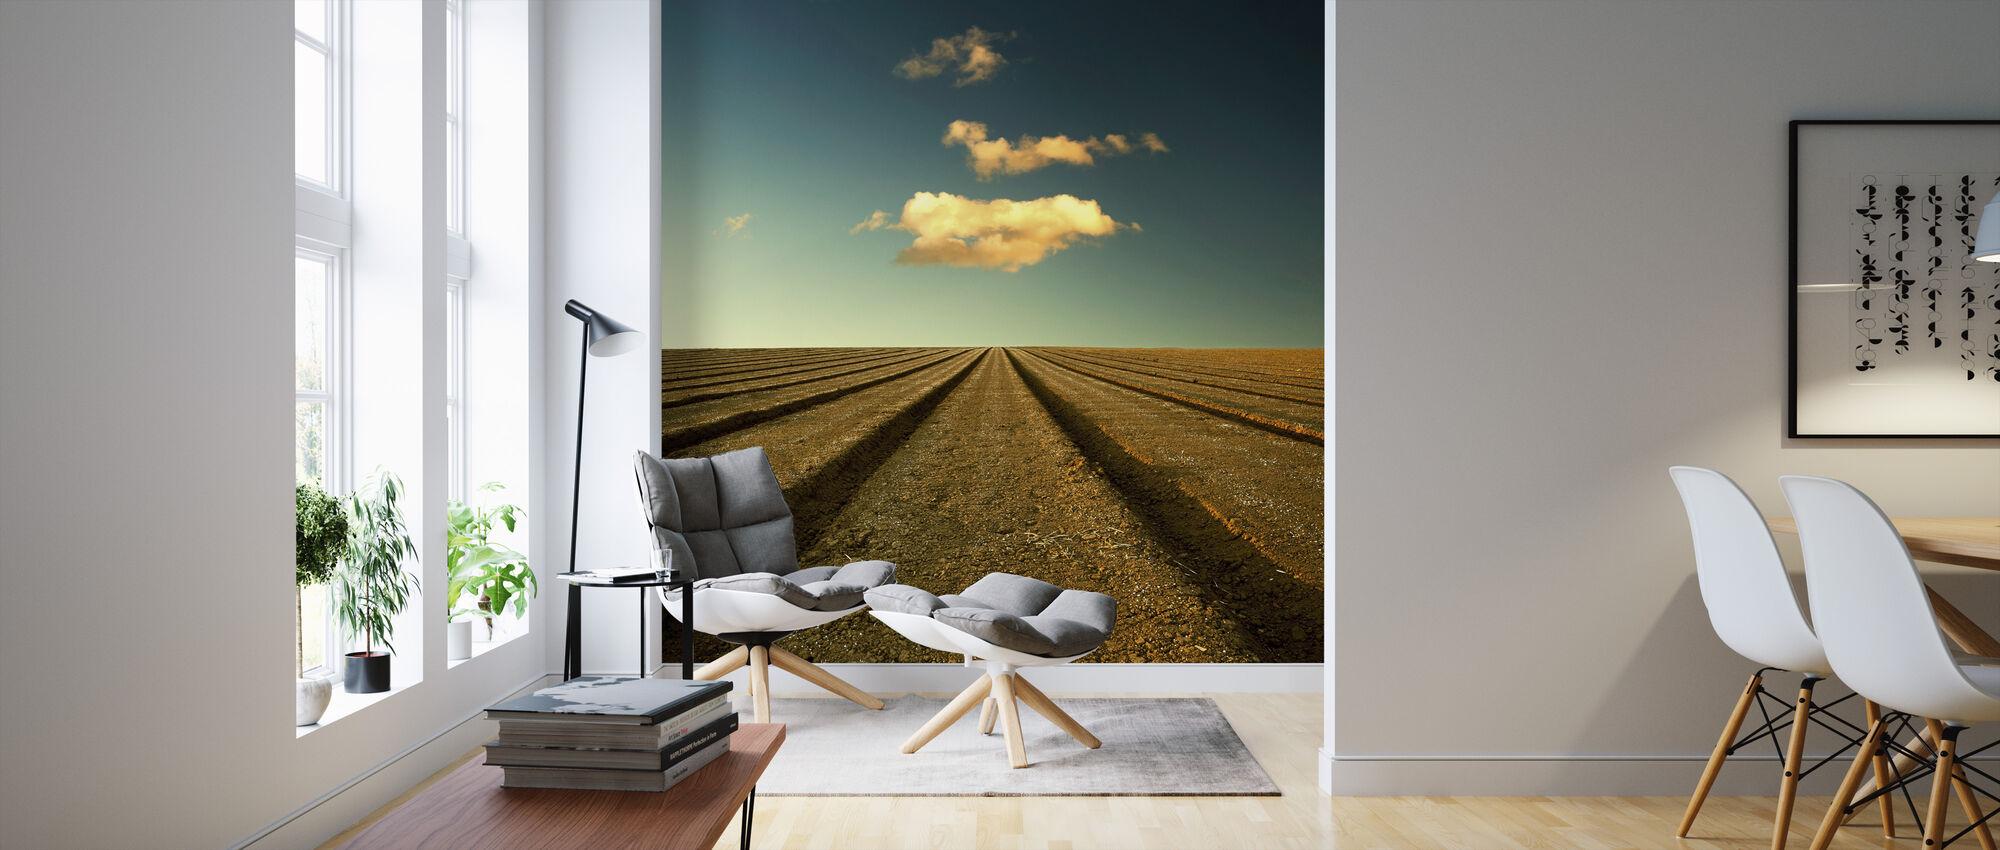 Geploegd veld en lucht - Behang - Woonkamer